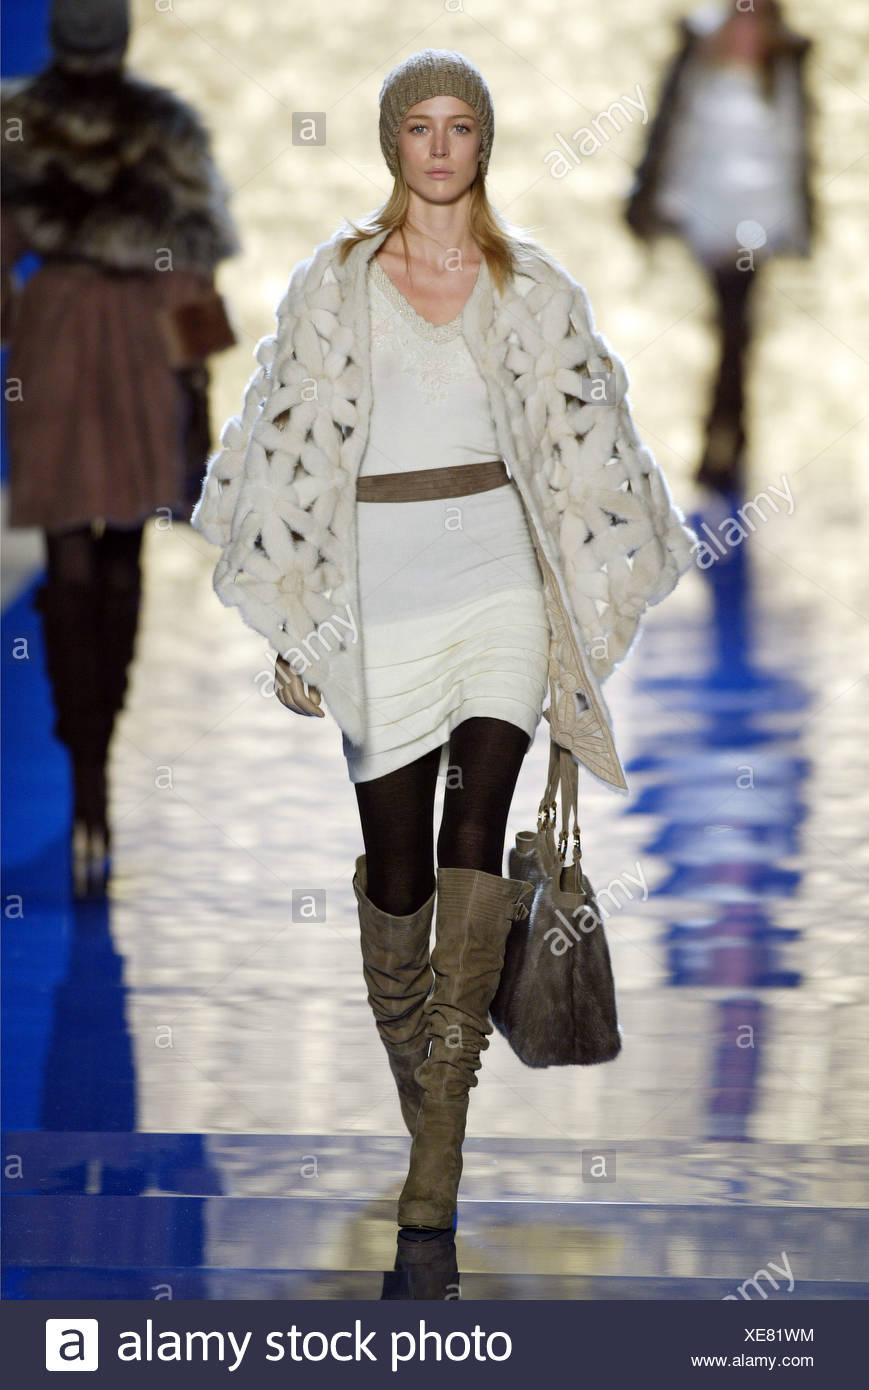 1fbfd741c0d9 Blumarine Prêt à porter un Milan W Model Raquel Zimmermann longue ligne  droite cheveux blonds portant